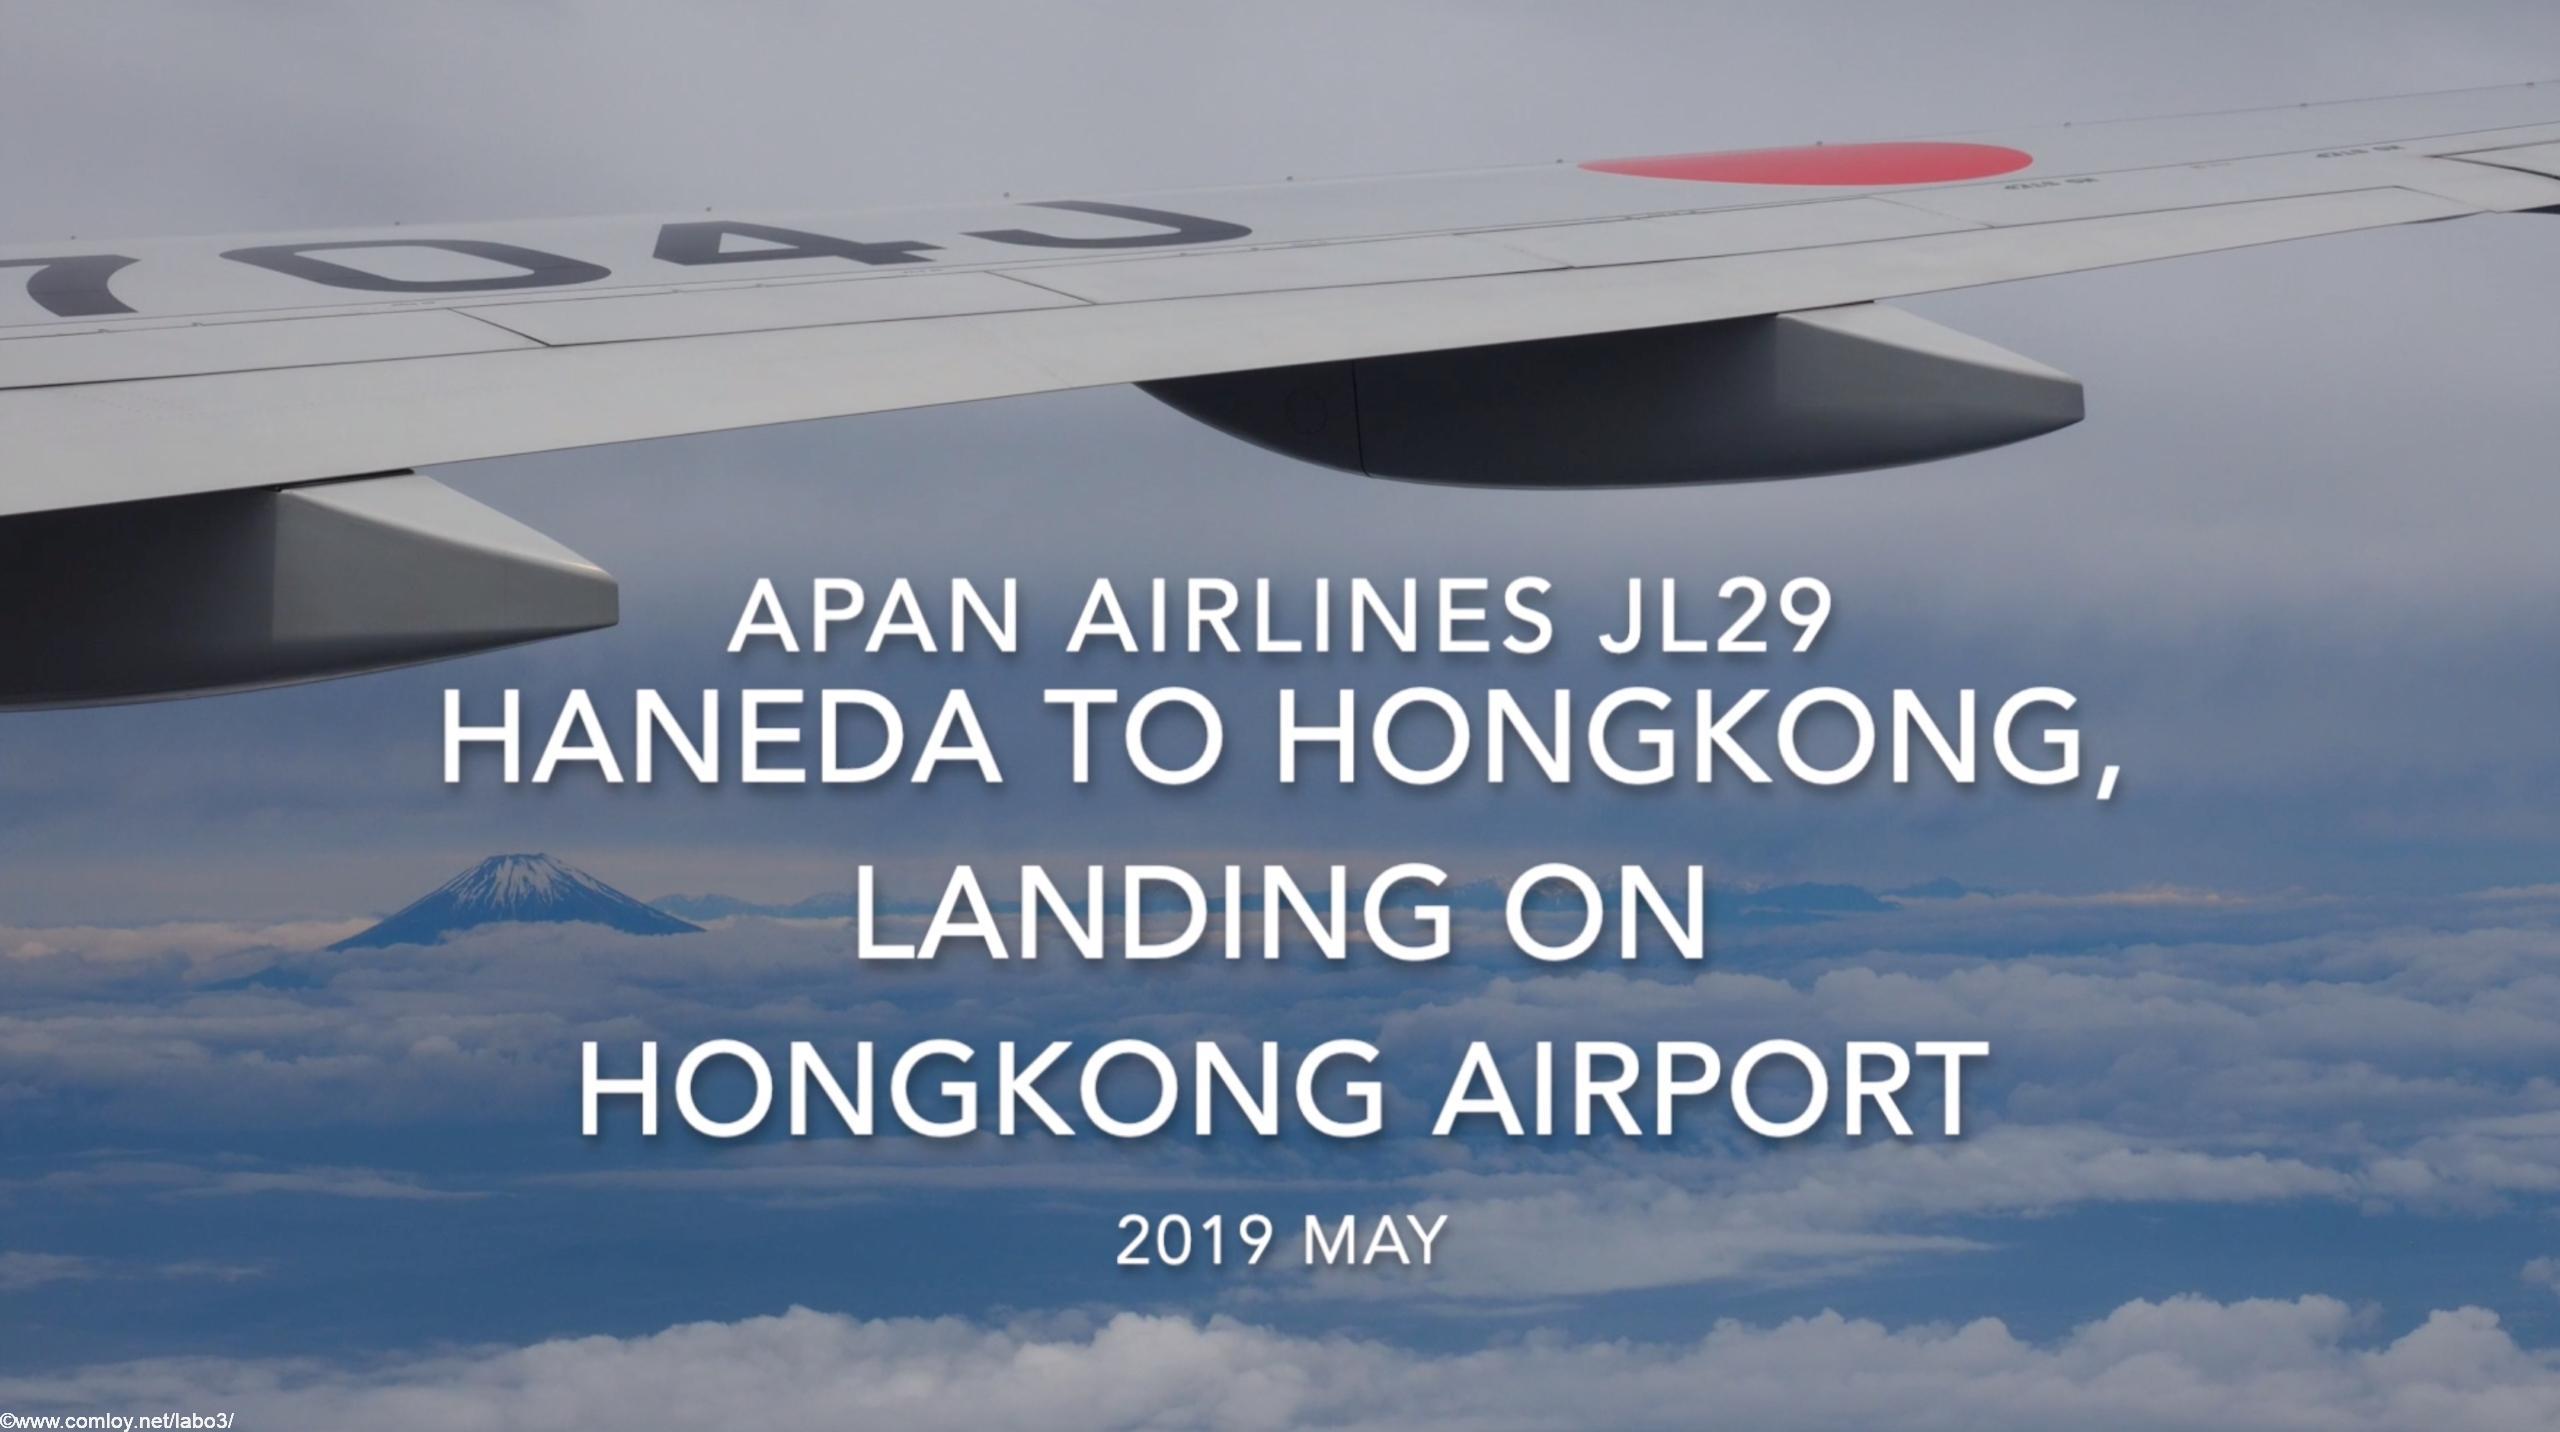 【機内から離着陸映像】2019 May Japan airlines JL29 HANEDA to HONGKONG, Landing on HONGKONG Airport